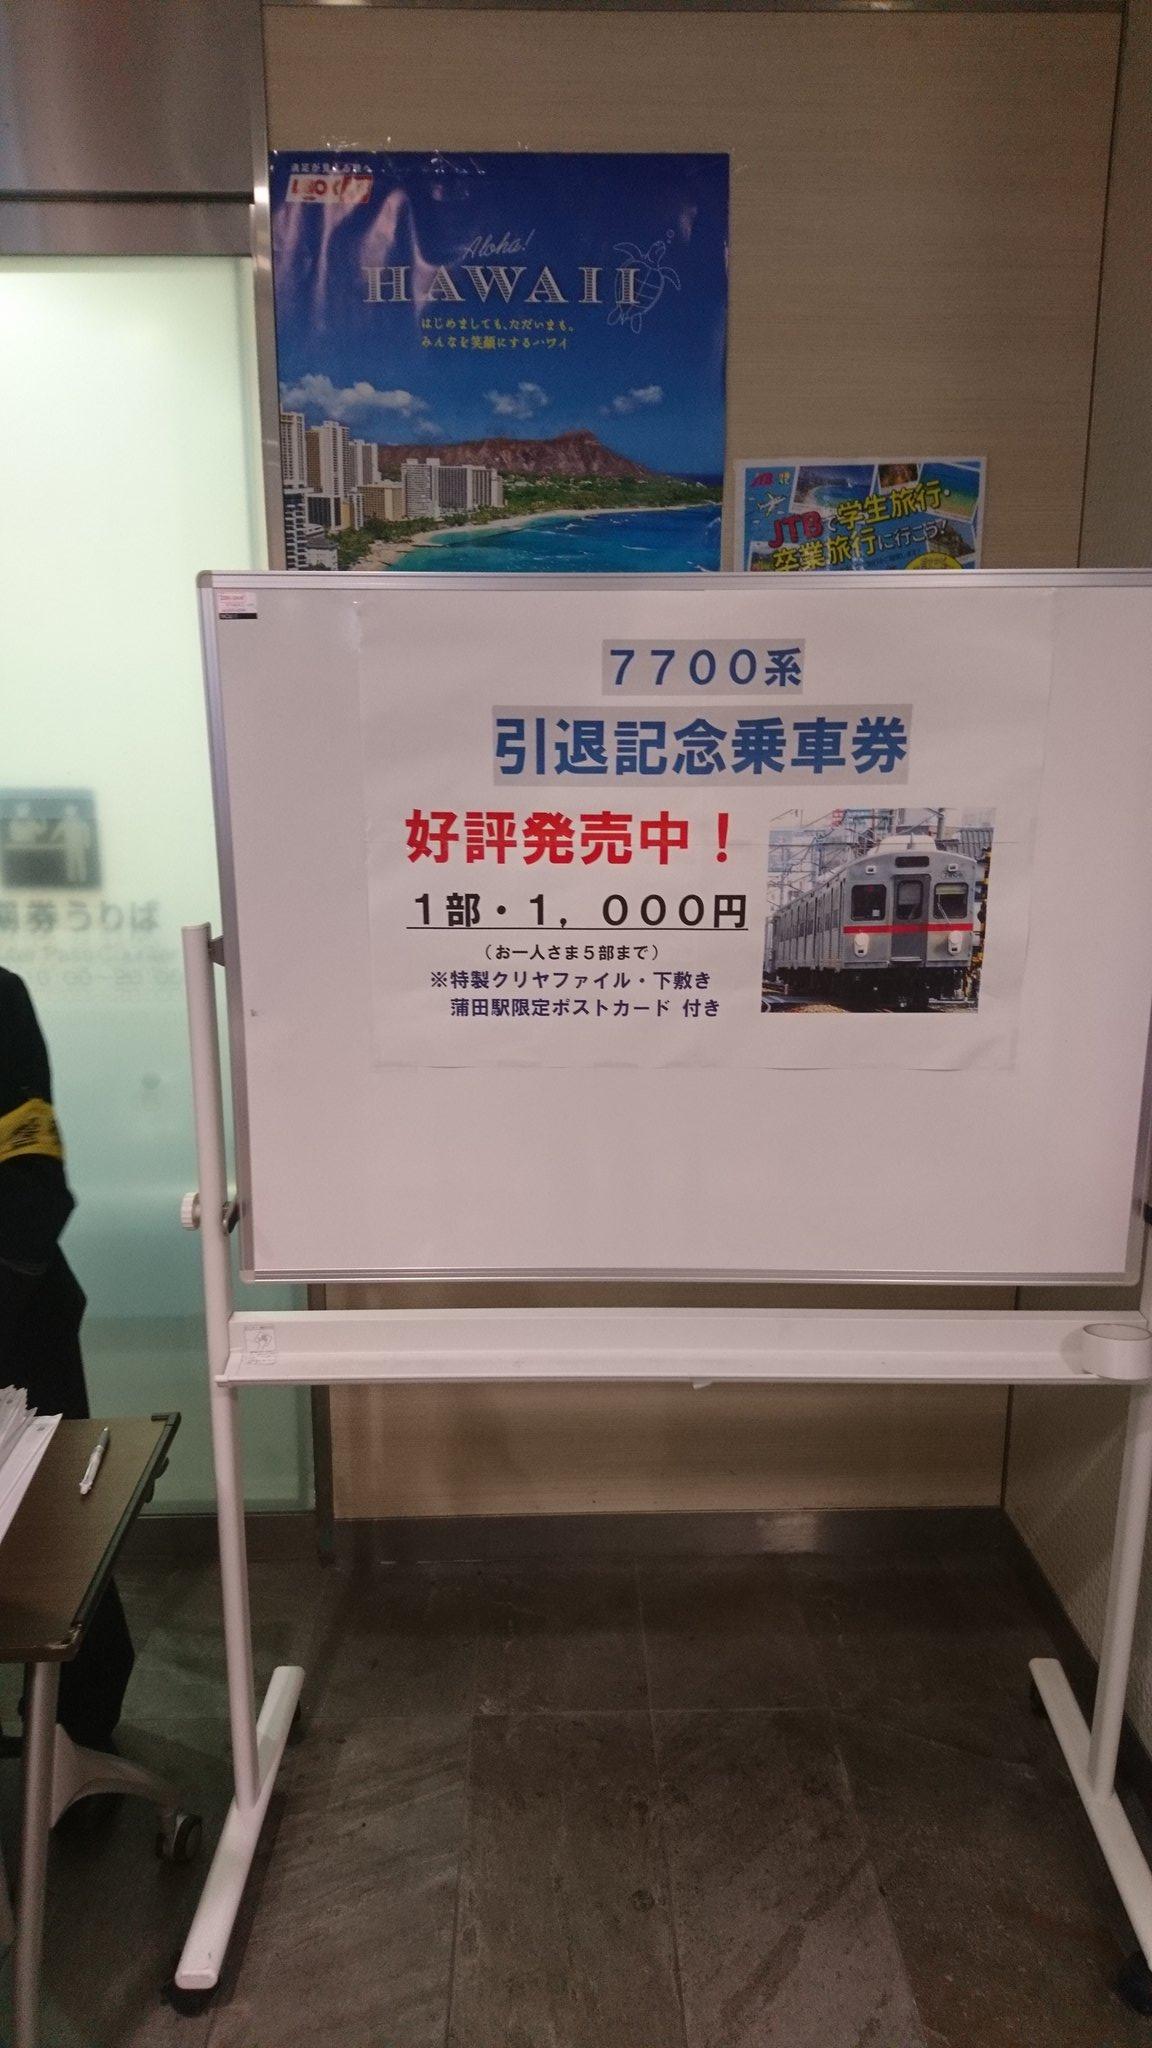 画像,東急7700系引退記念入場券は、3分ほど前に購入し、蒲田駅で券番622でした。 https://t.co/t2WpF7Gd39…